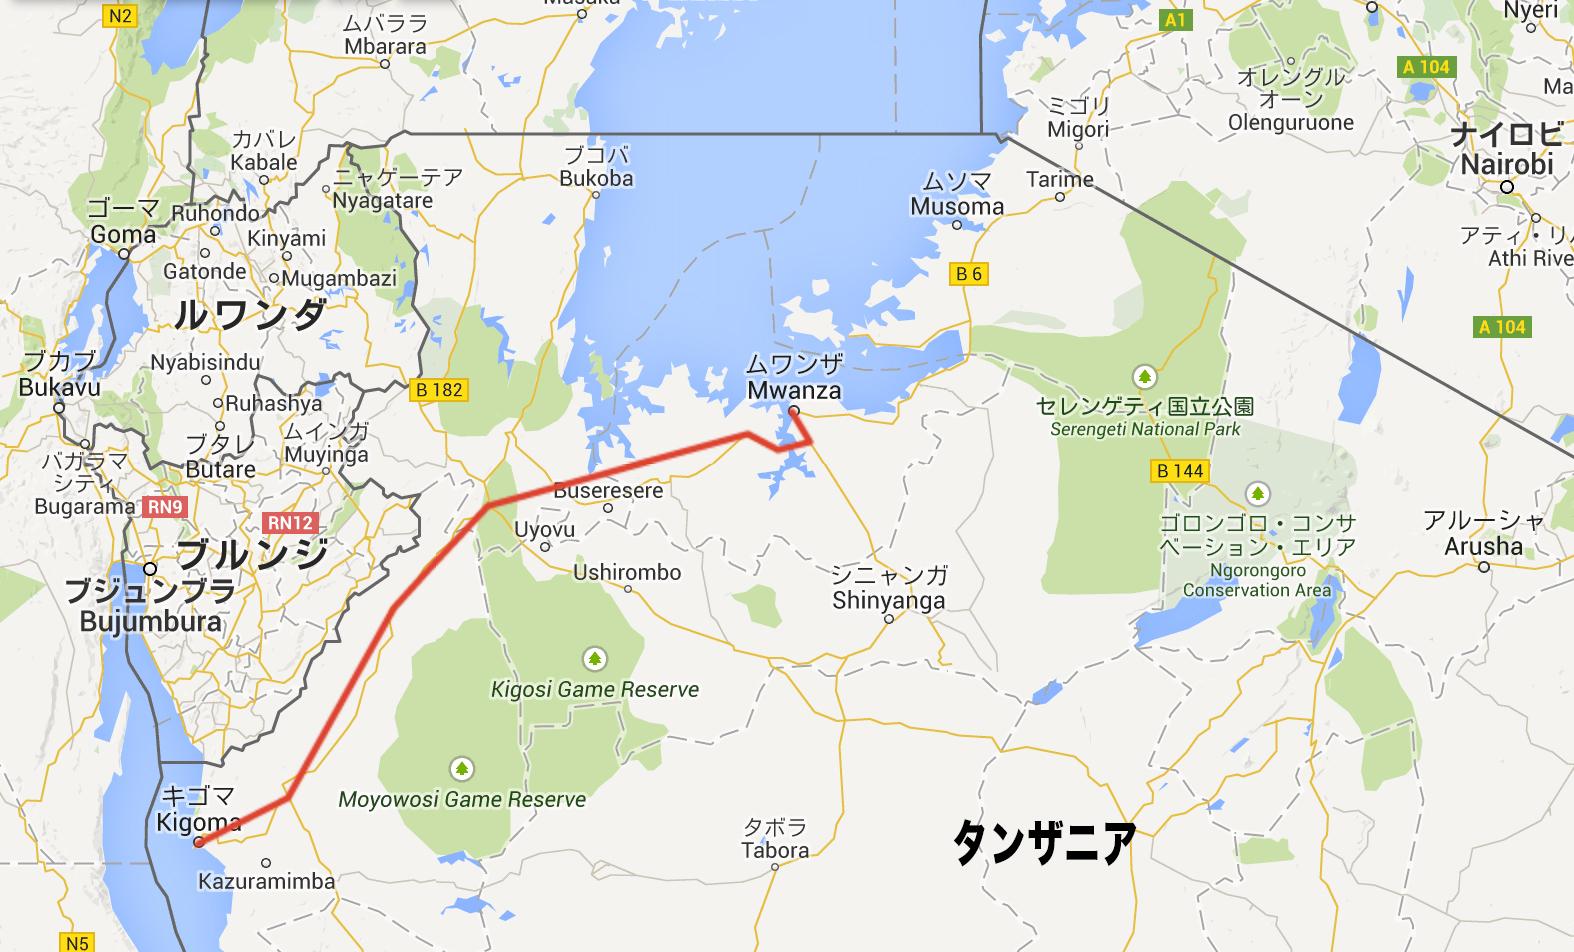 キゴマからムワンザ